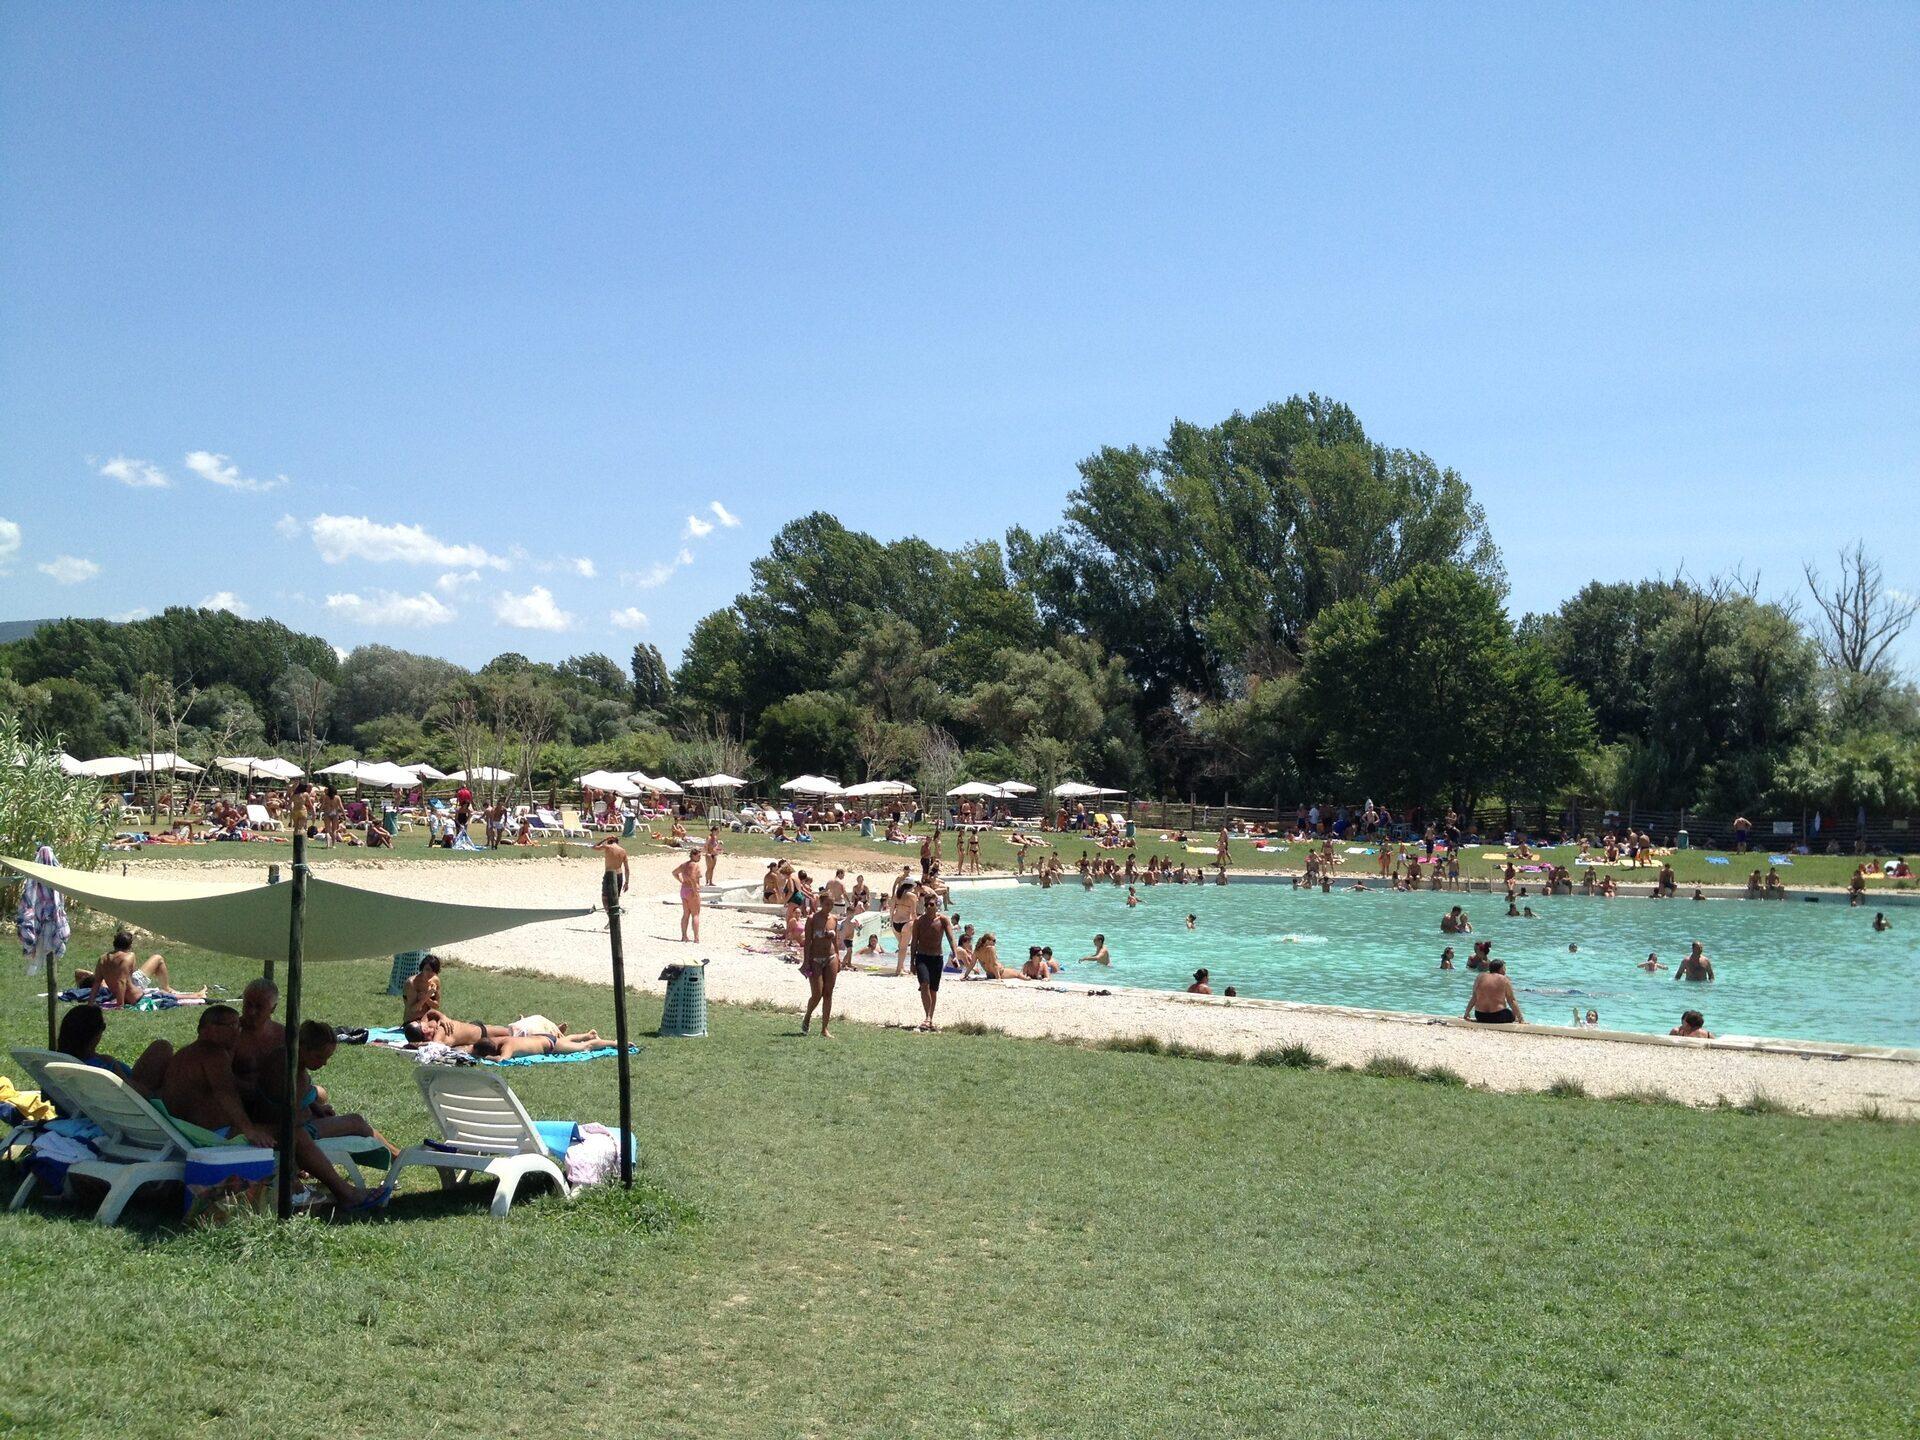 Parco tivoli domenica pomeriggio alle terme viaggi low cost - Piscina ronta prezzi ...